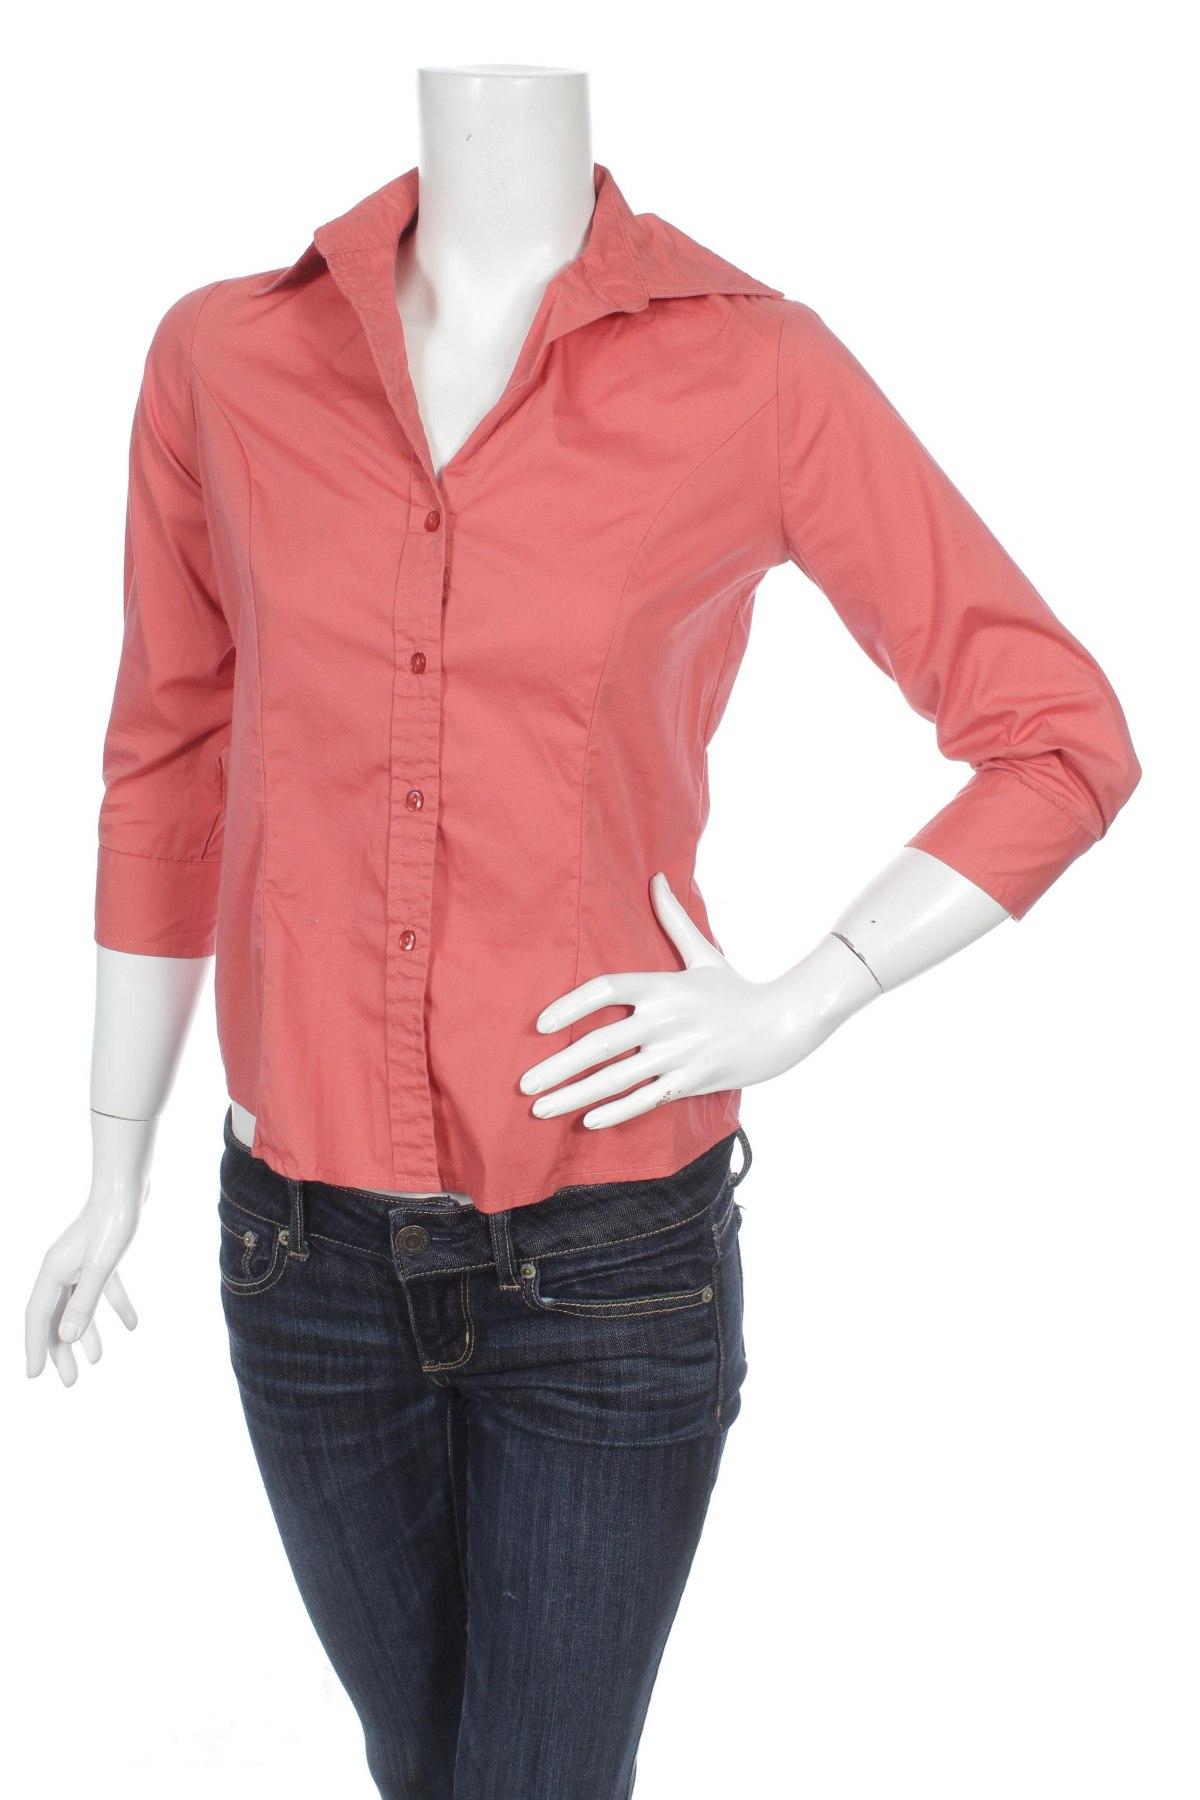 Γυναικείο πουκάμισο George, Μέγεθος XS, Χρώμα Πορτοκαλί, 72% βαμβάκι, 24% πολυαμίδη, 4% ελαστάνη, Τιμή 15,46€